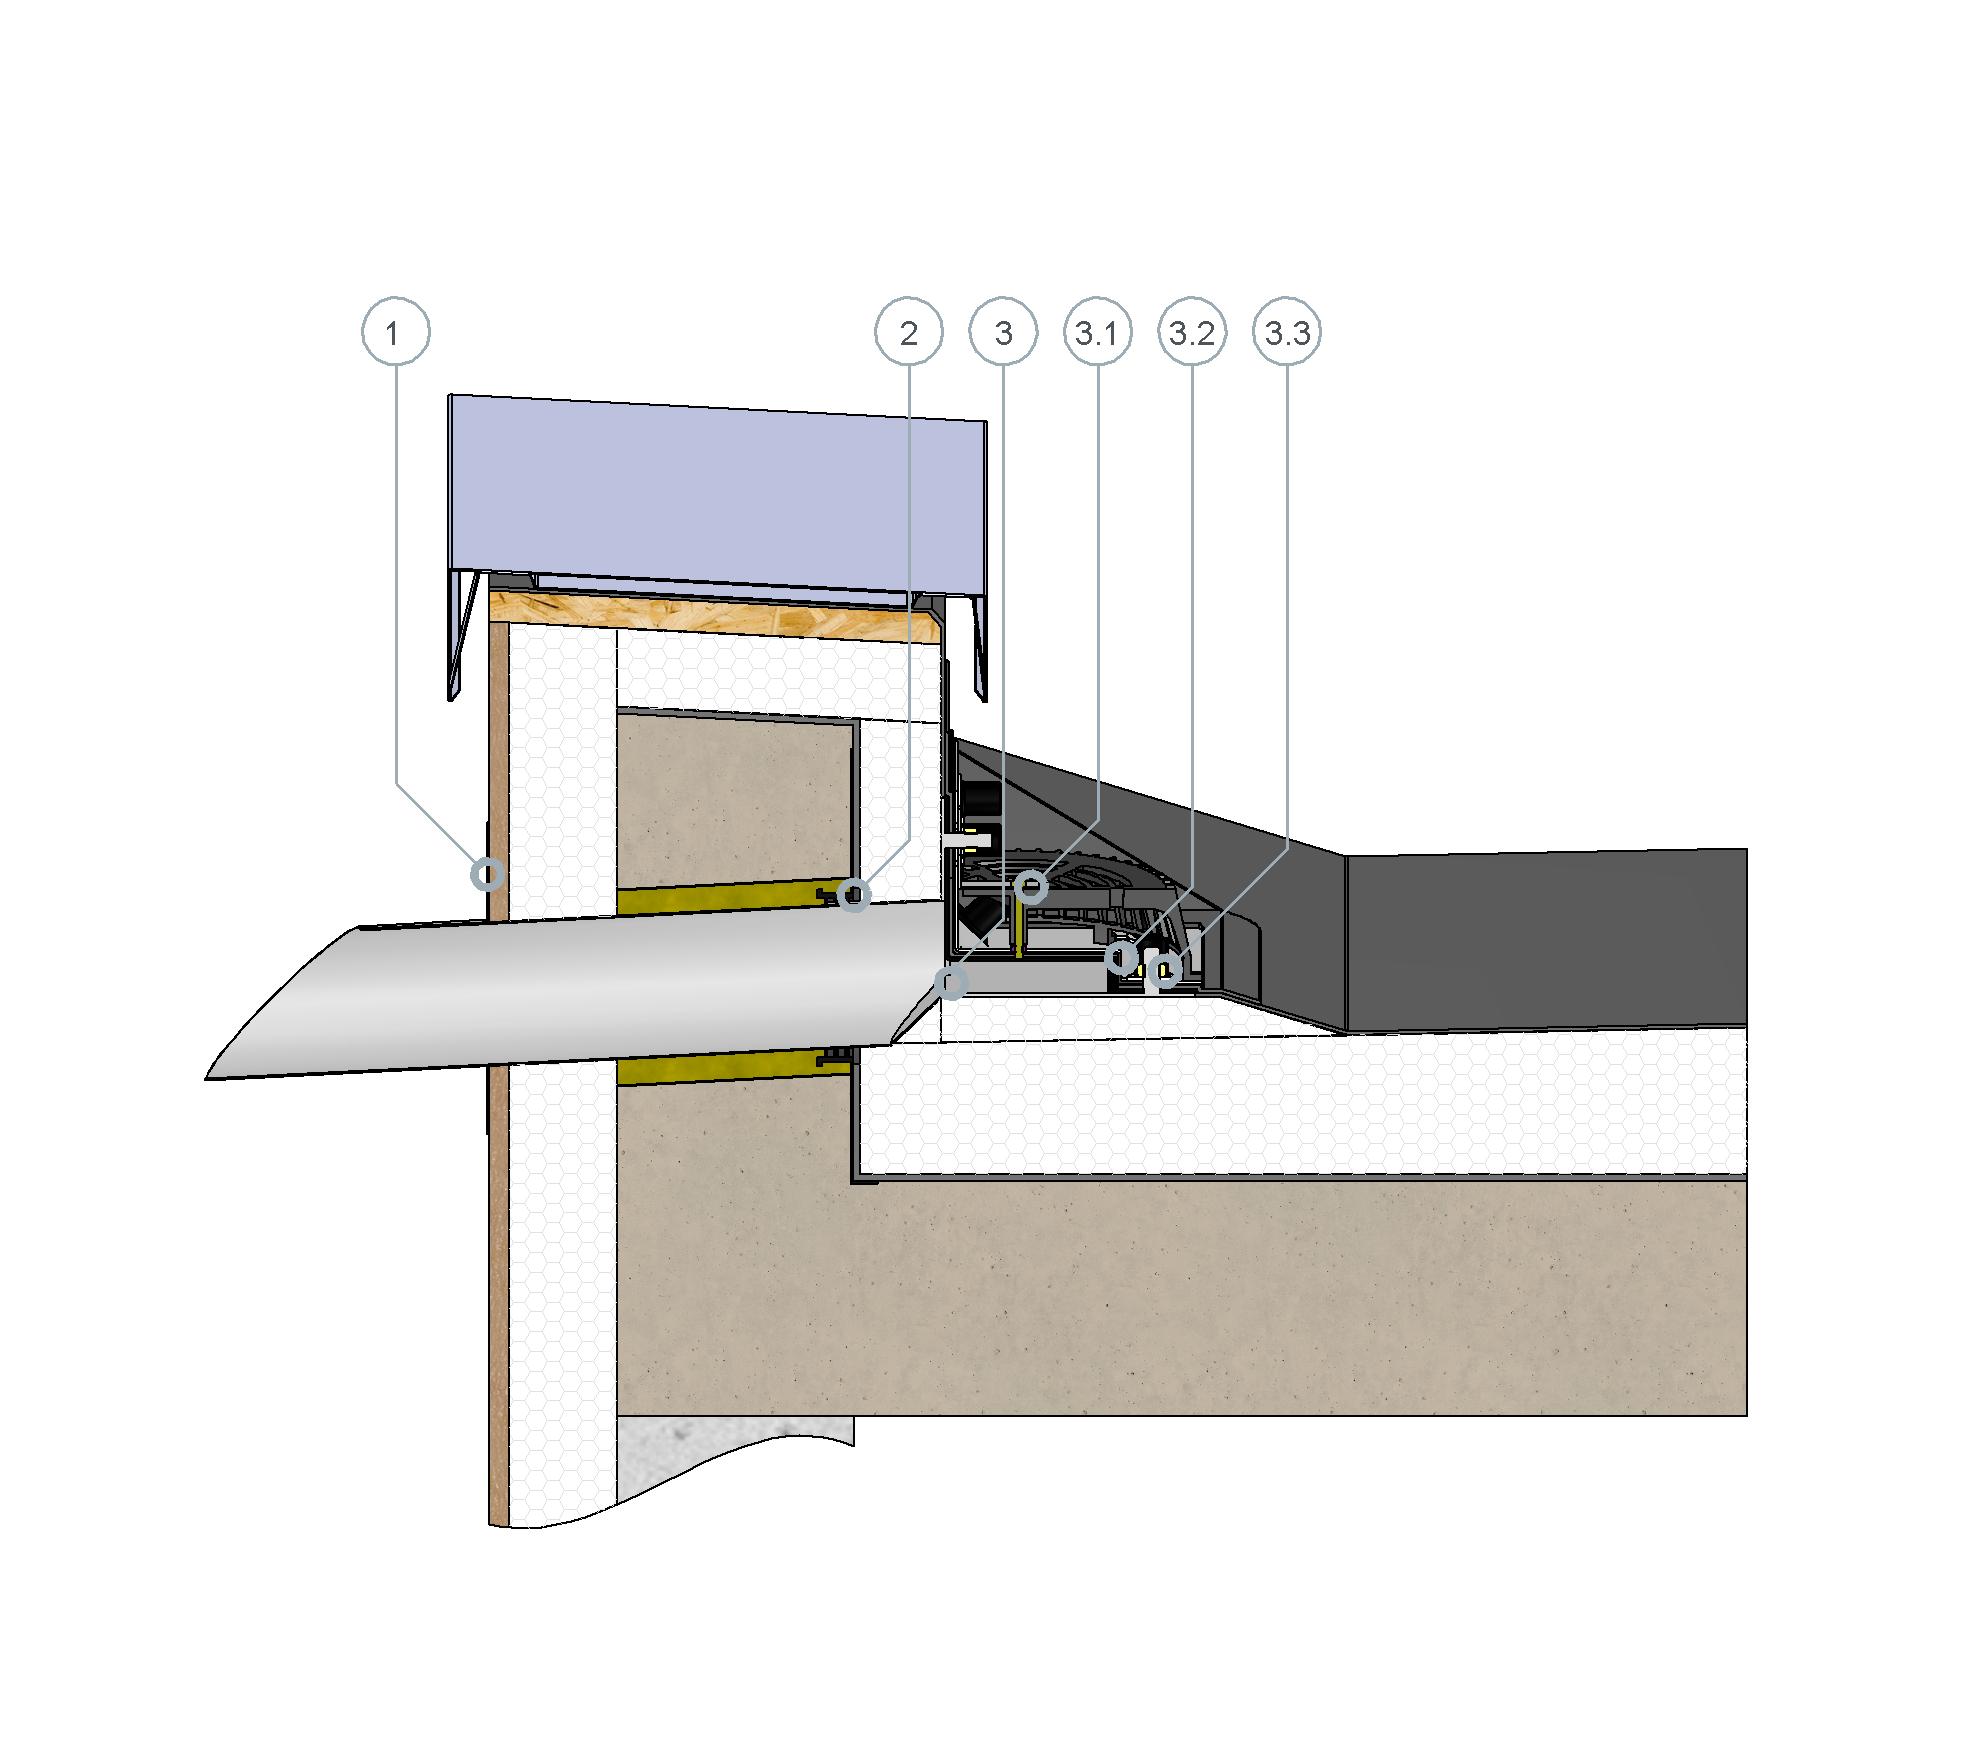 SitaRondo erhöht eingebaut im nicht belüfteten Dachaufbau